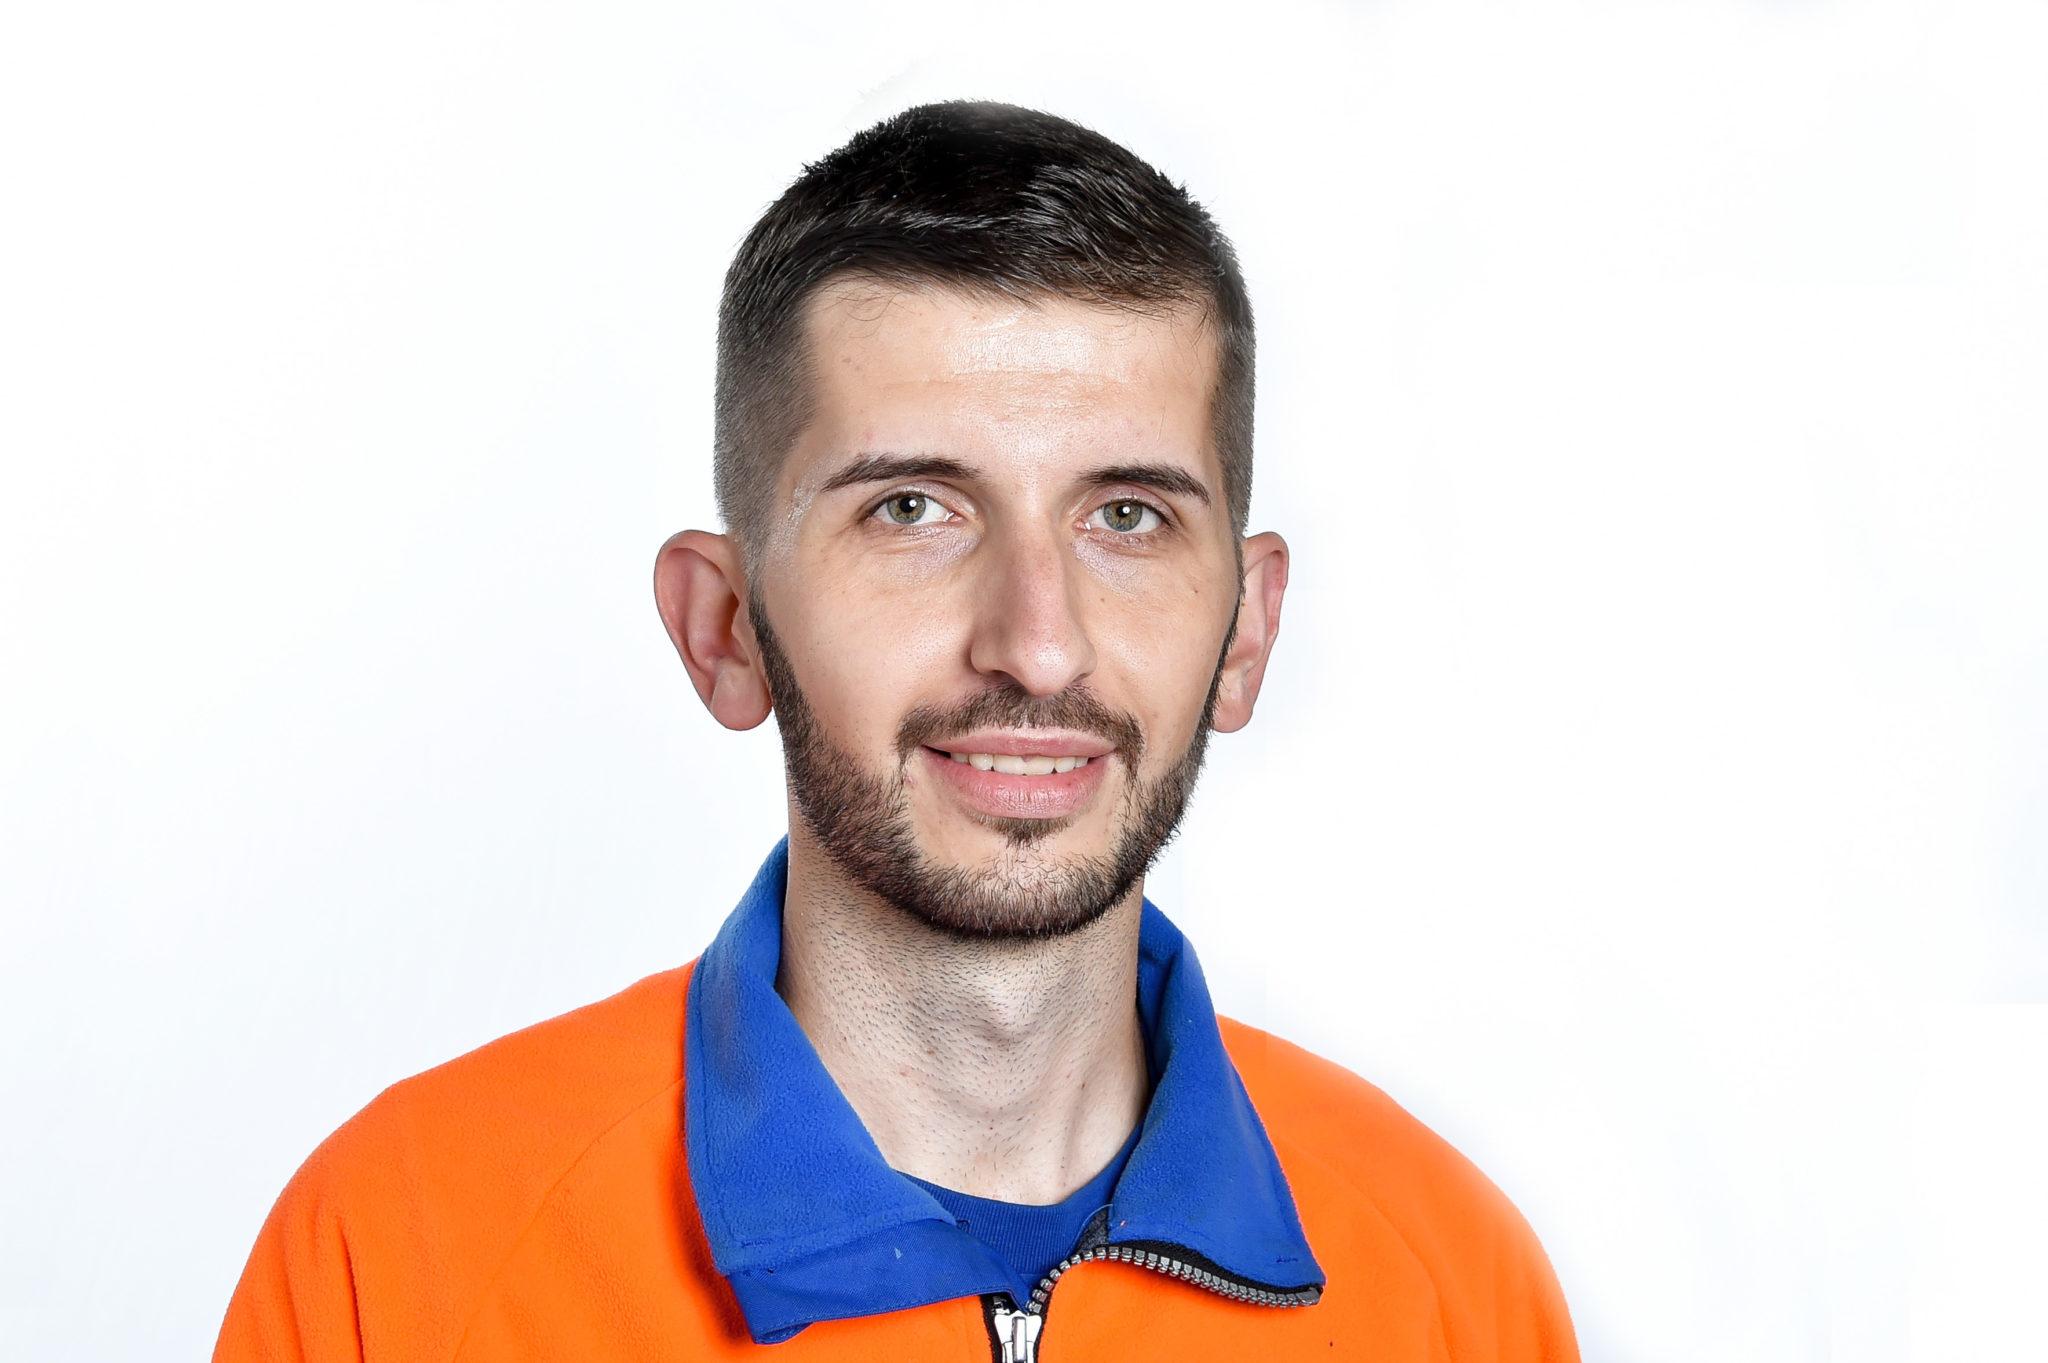 Mario Paun